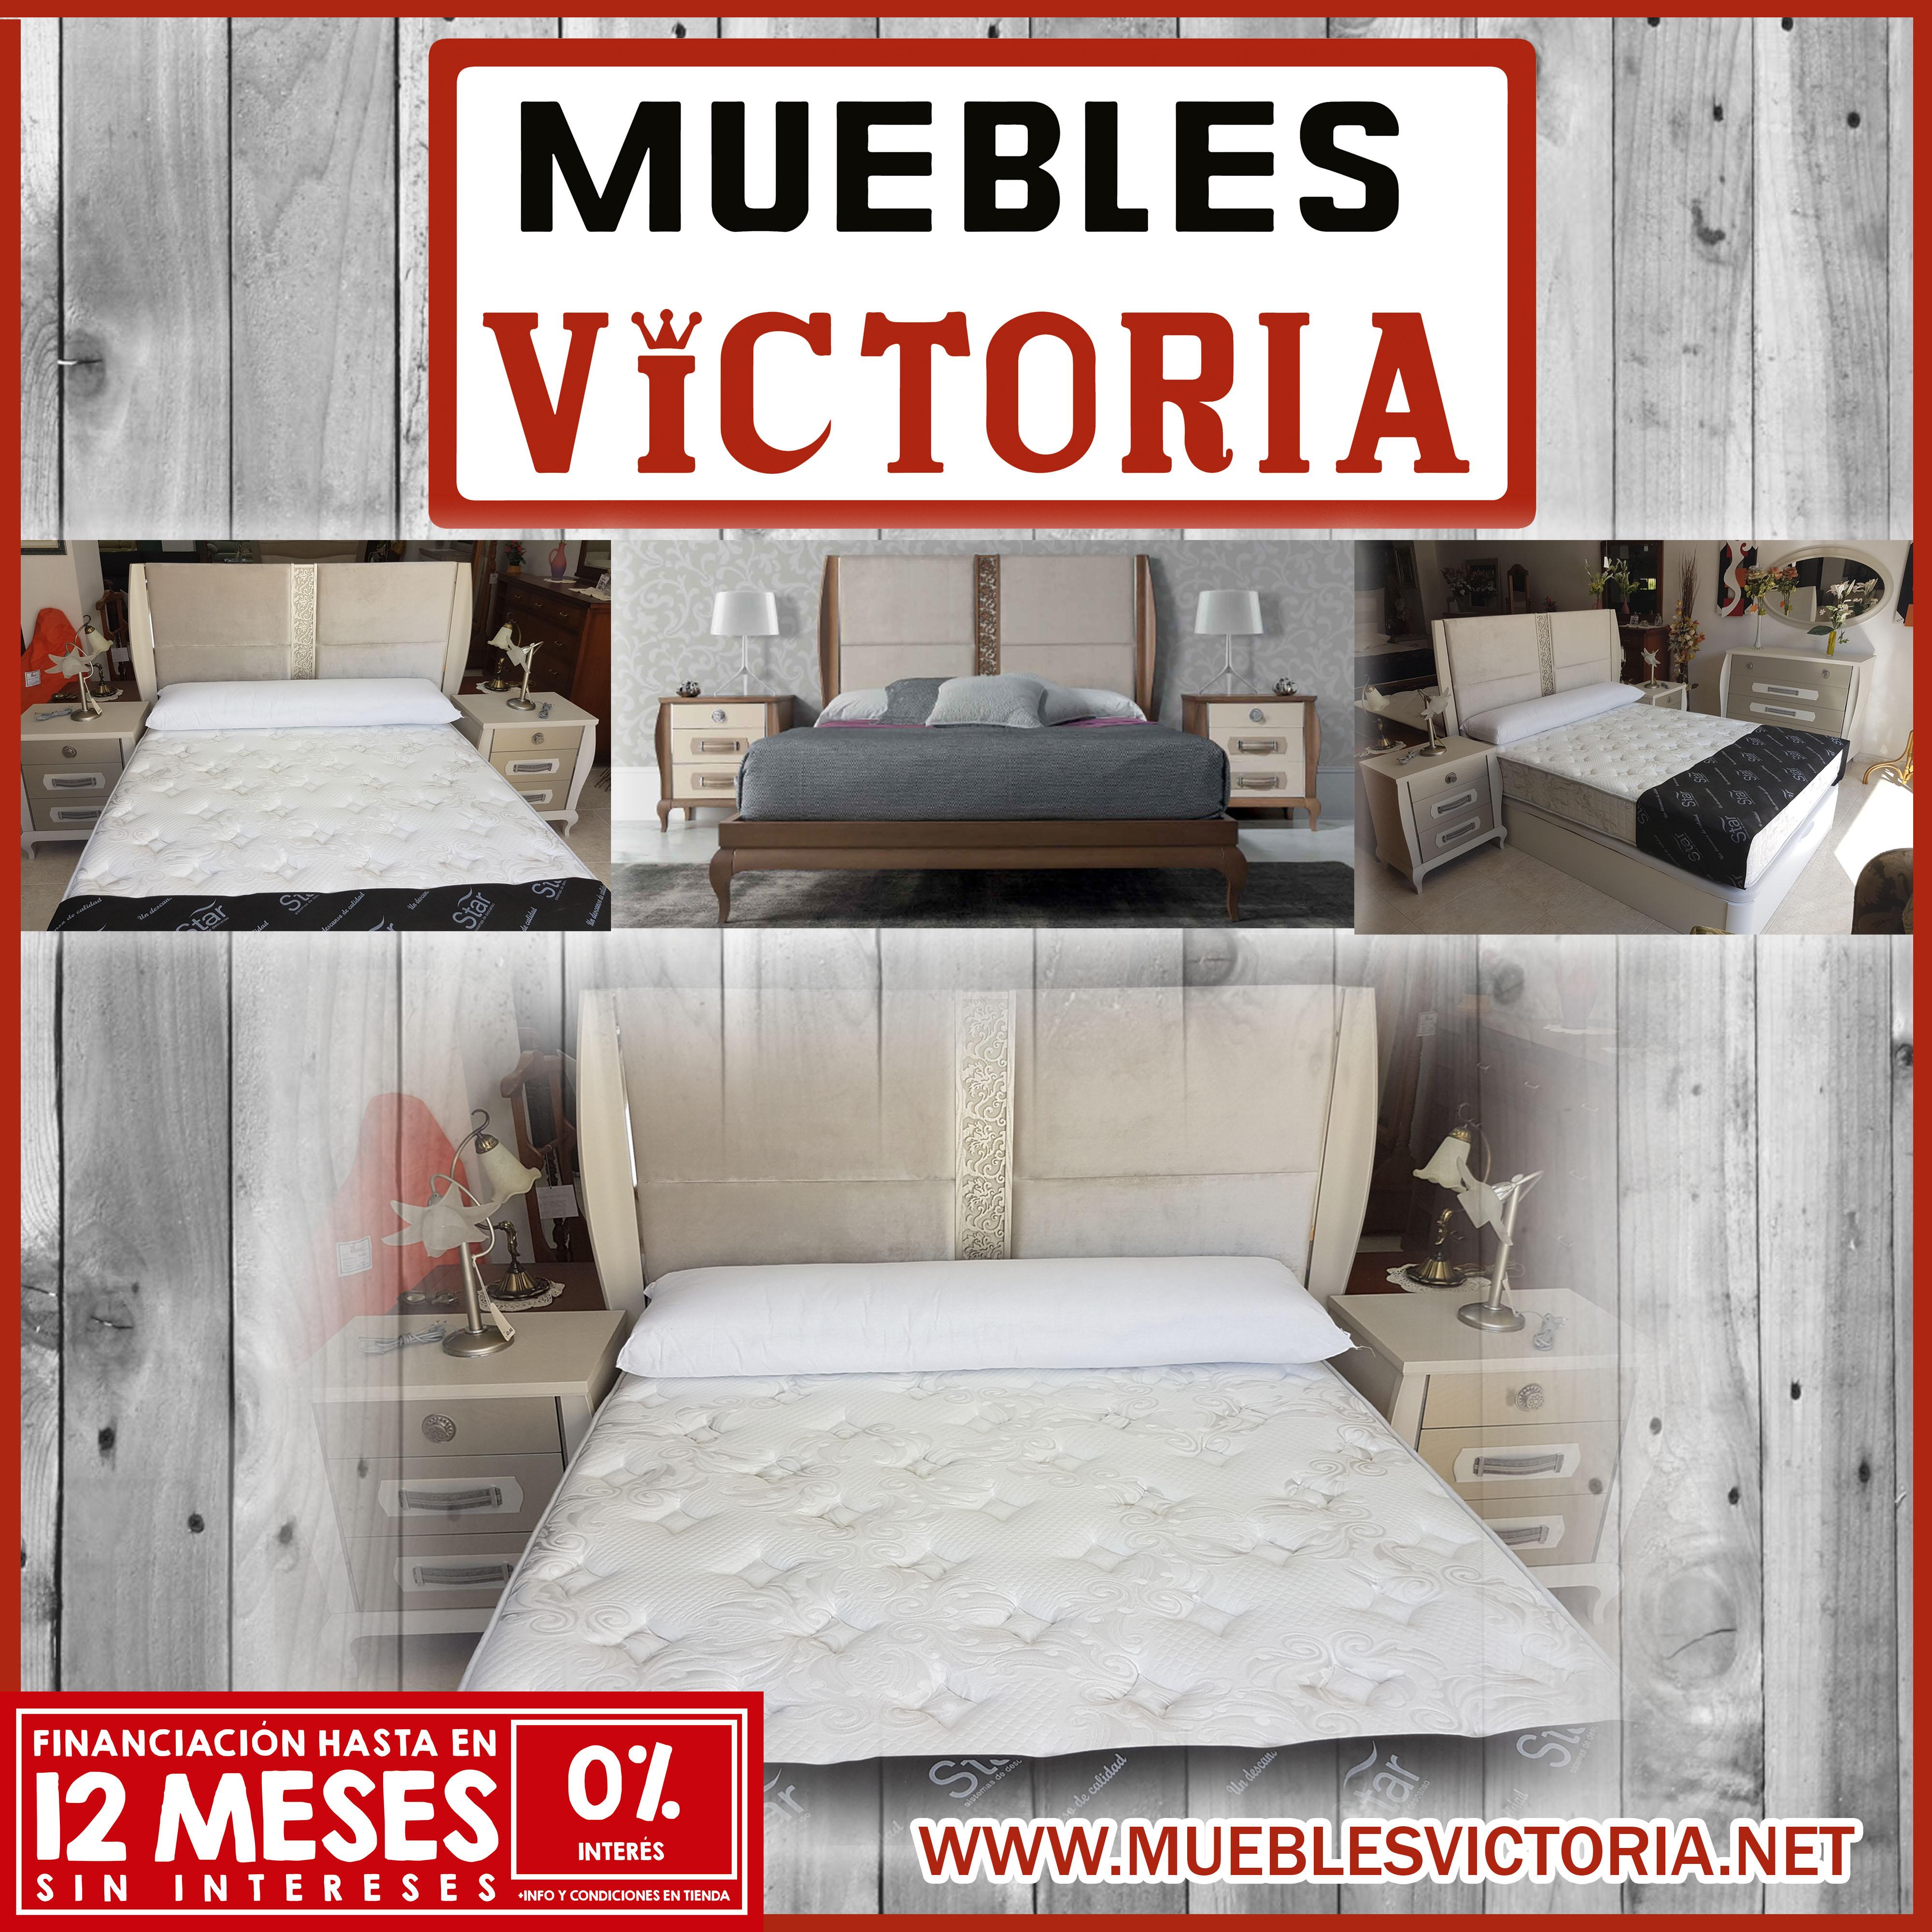 Muebles victoria tienda especializada en muebles y for Muebles en murcia baratos